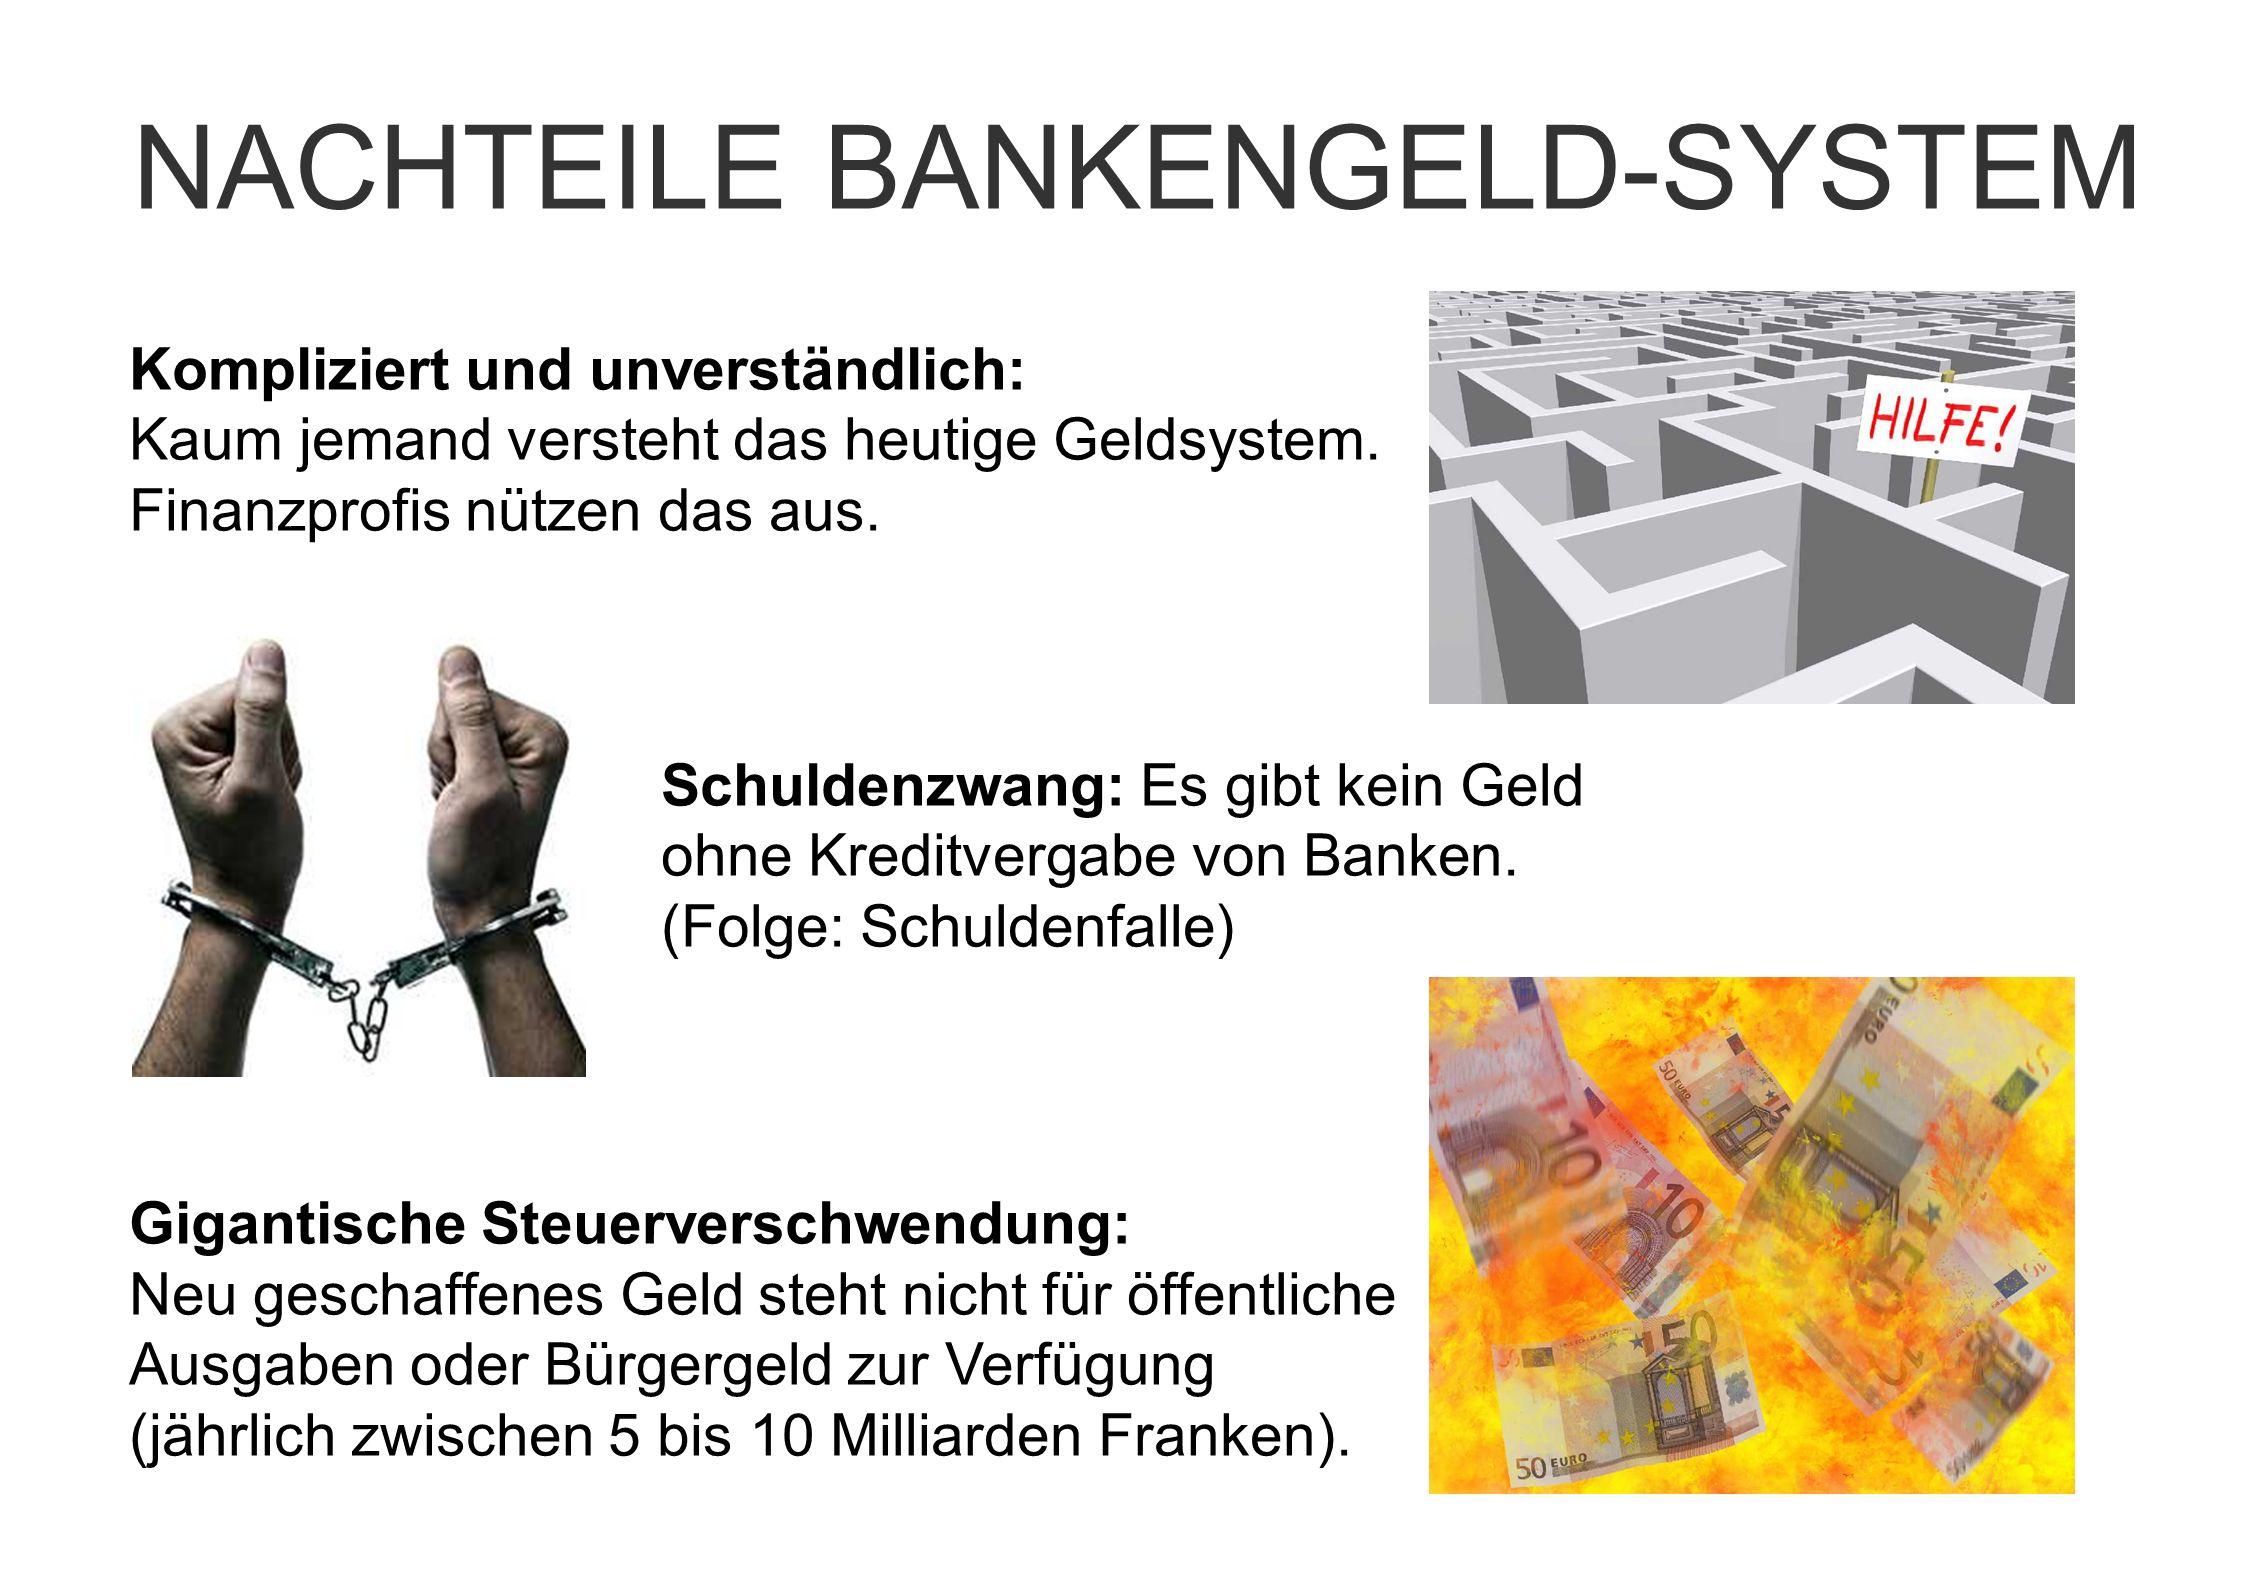 NACHTEILE BANKENGELD-SYSTEM